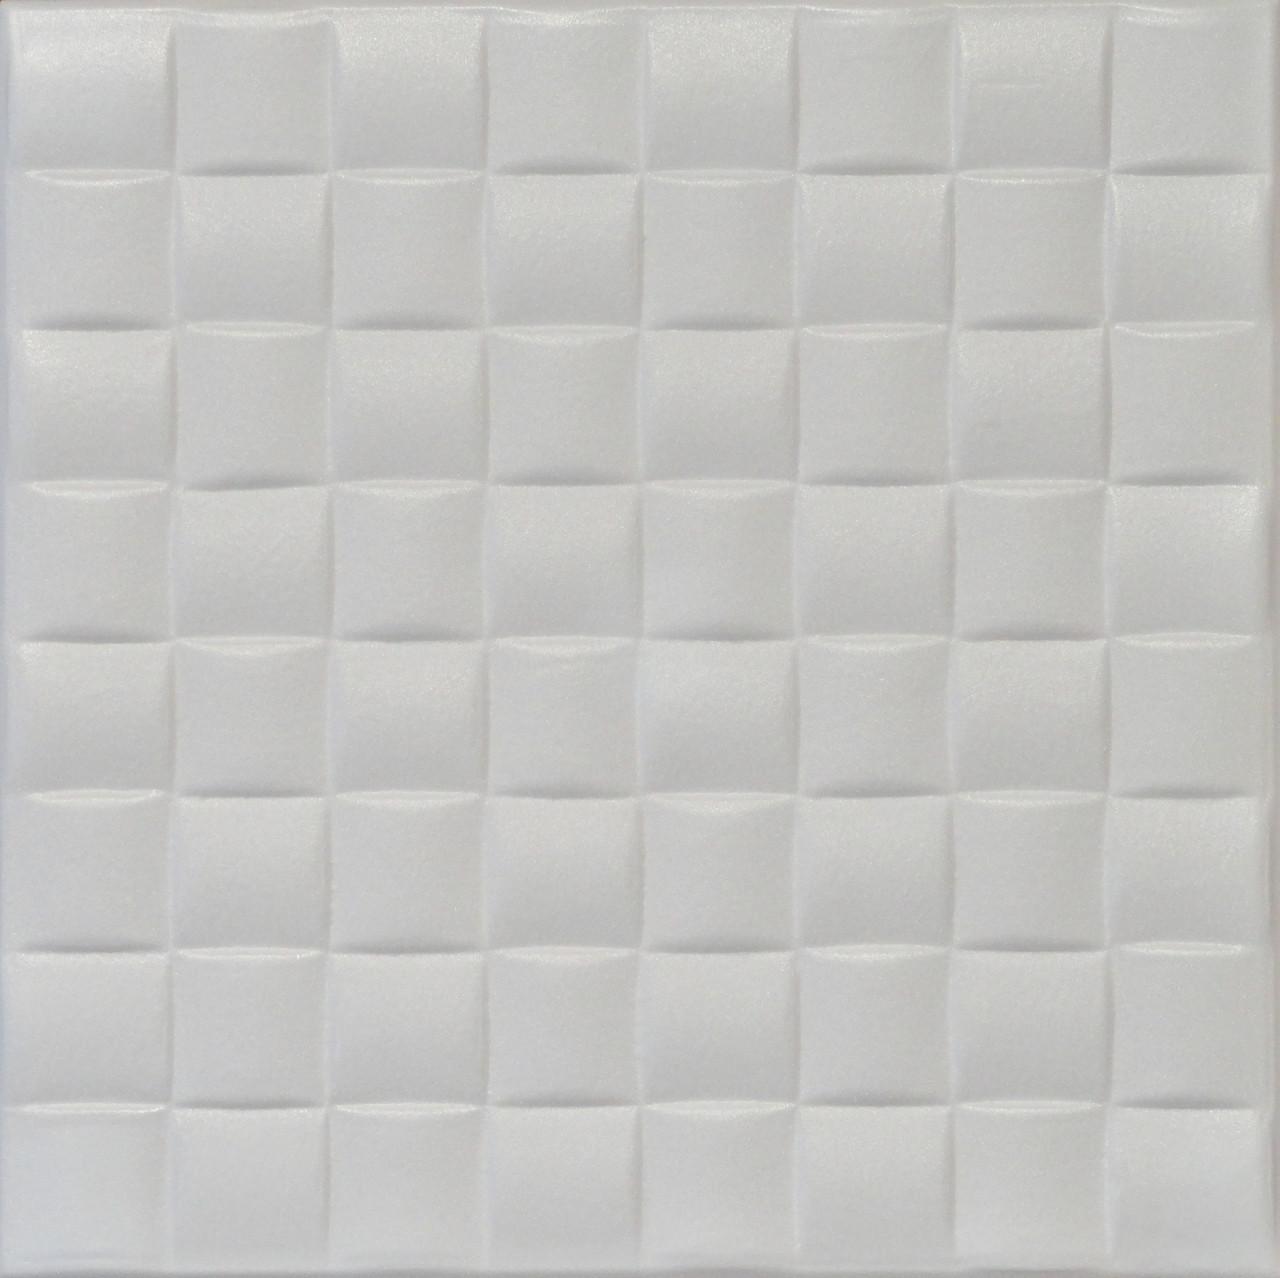 R35 Old Design Plain White Styrofoam Glue Up Ceiling Tile